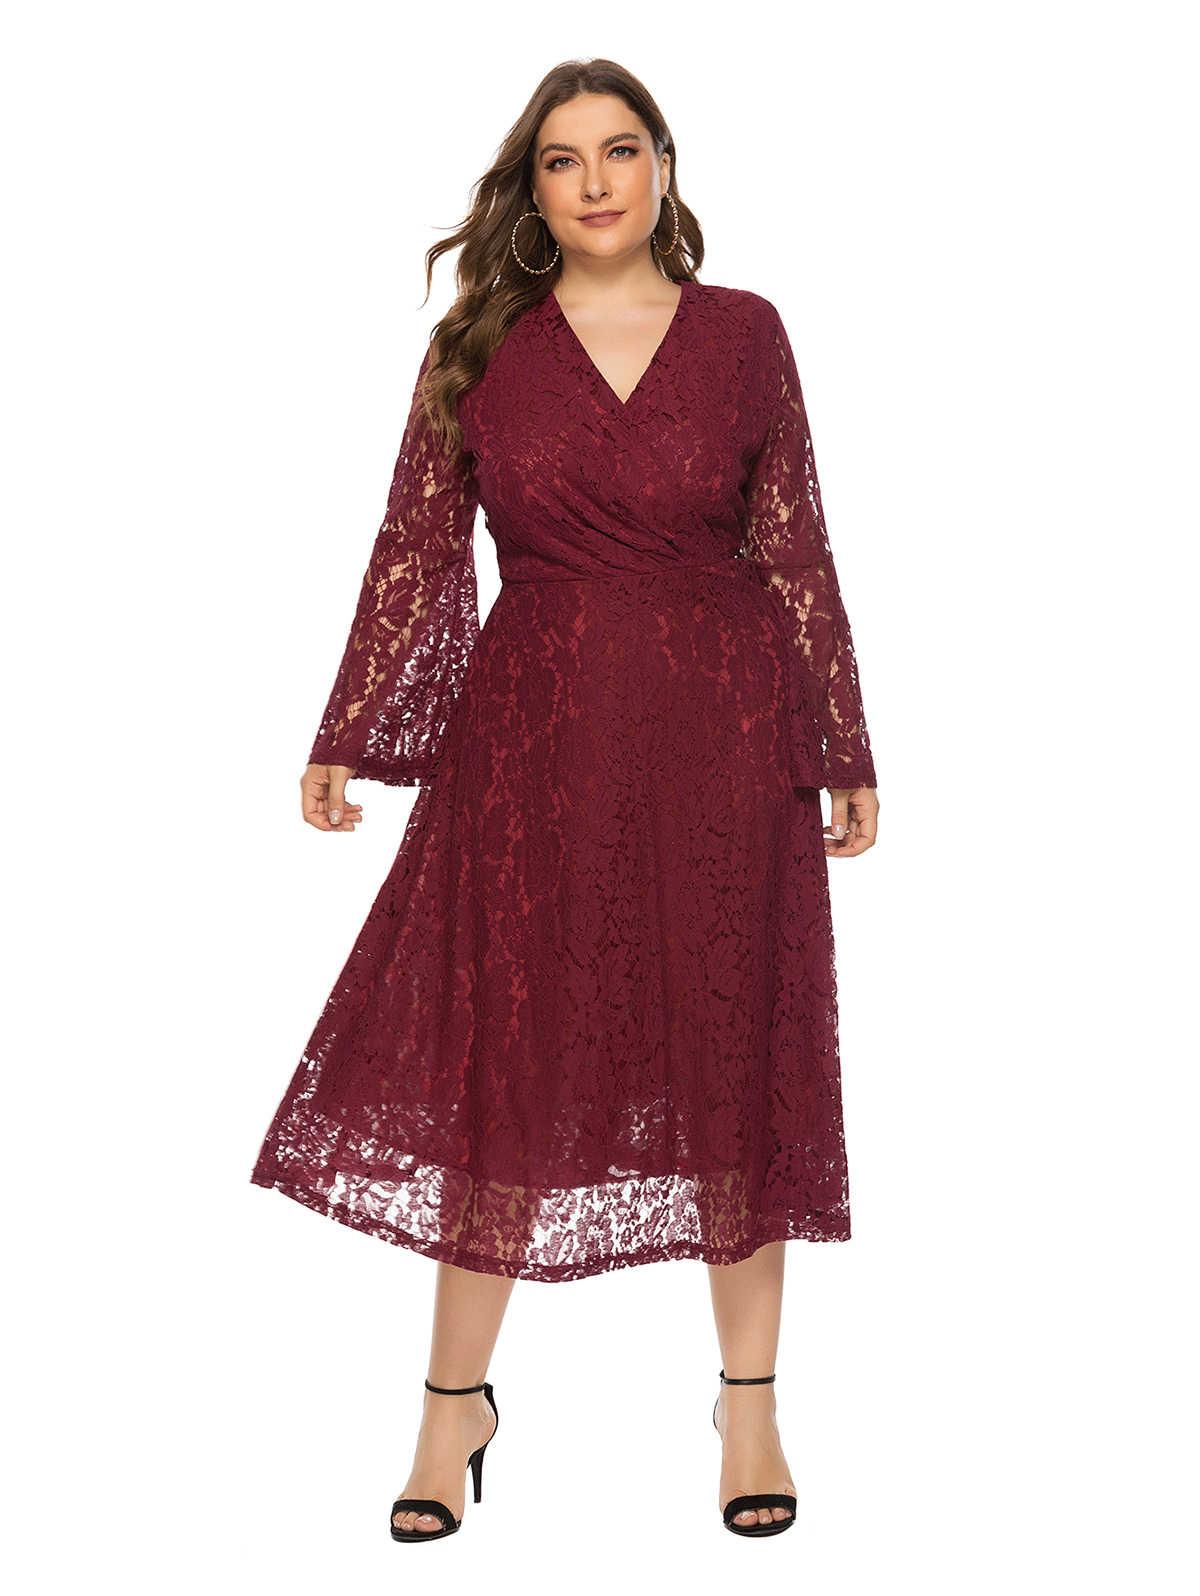 Wisalo женское 2019 элегантное большого размера, расклешенные вечерние платья с длинными рукавами и кружевом, v-образный вырез, высокая талия, до середины икры, вечернее платье Femme